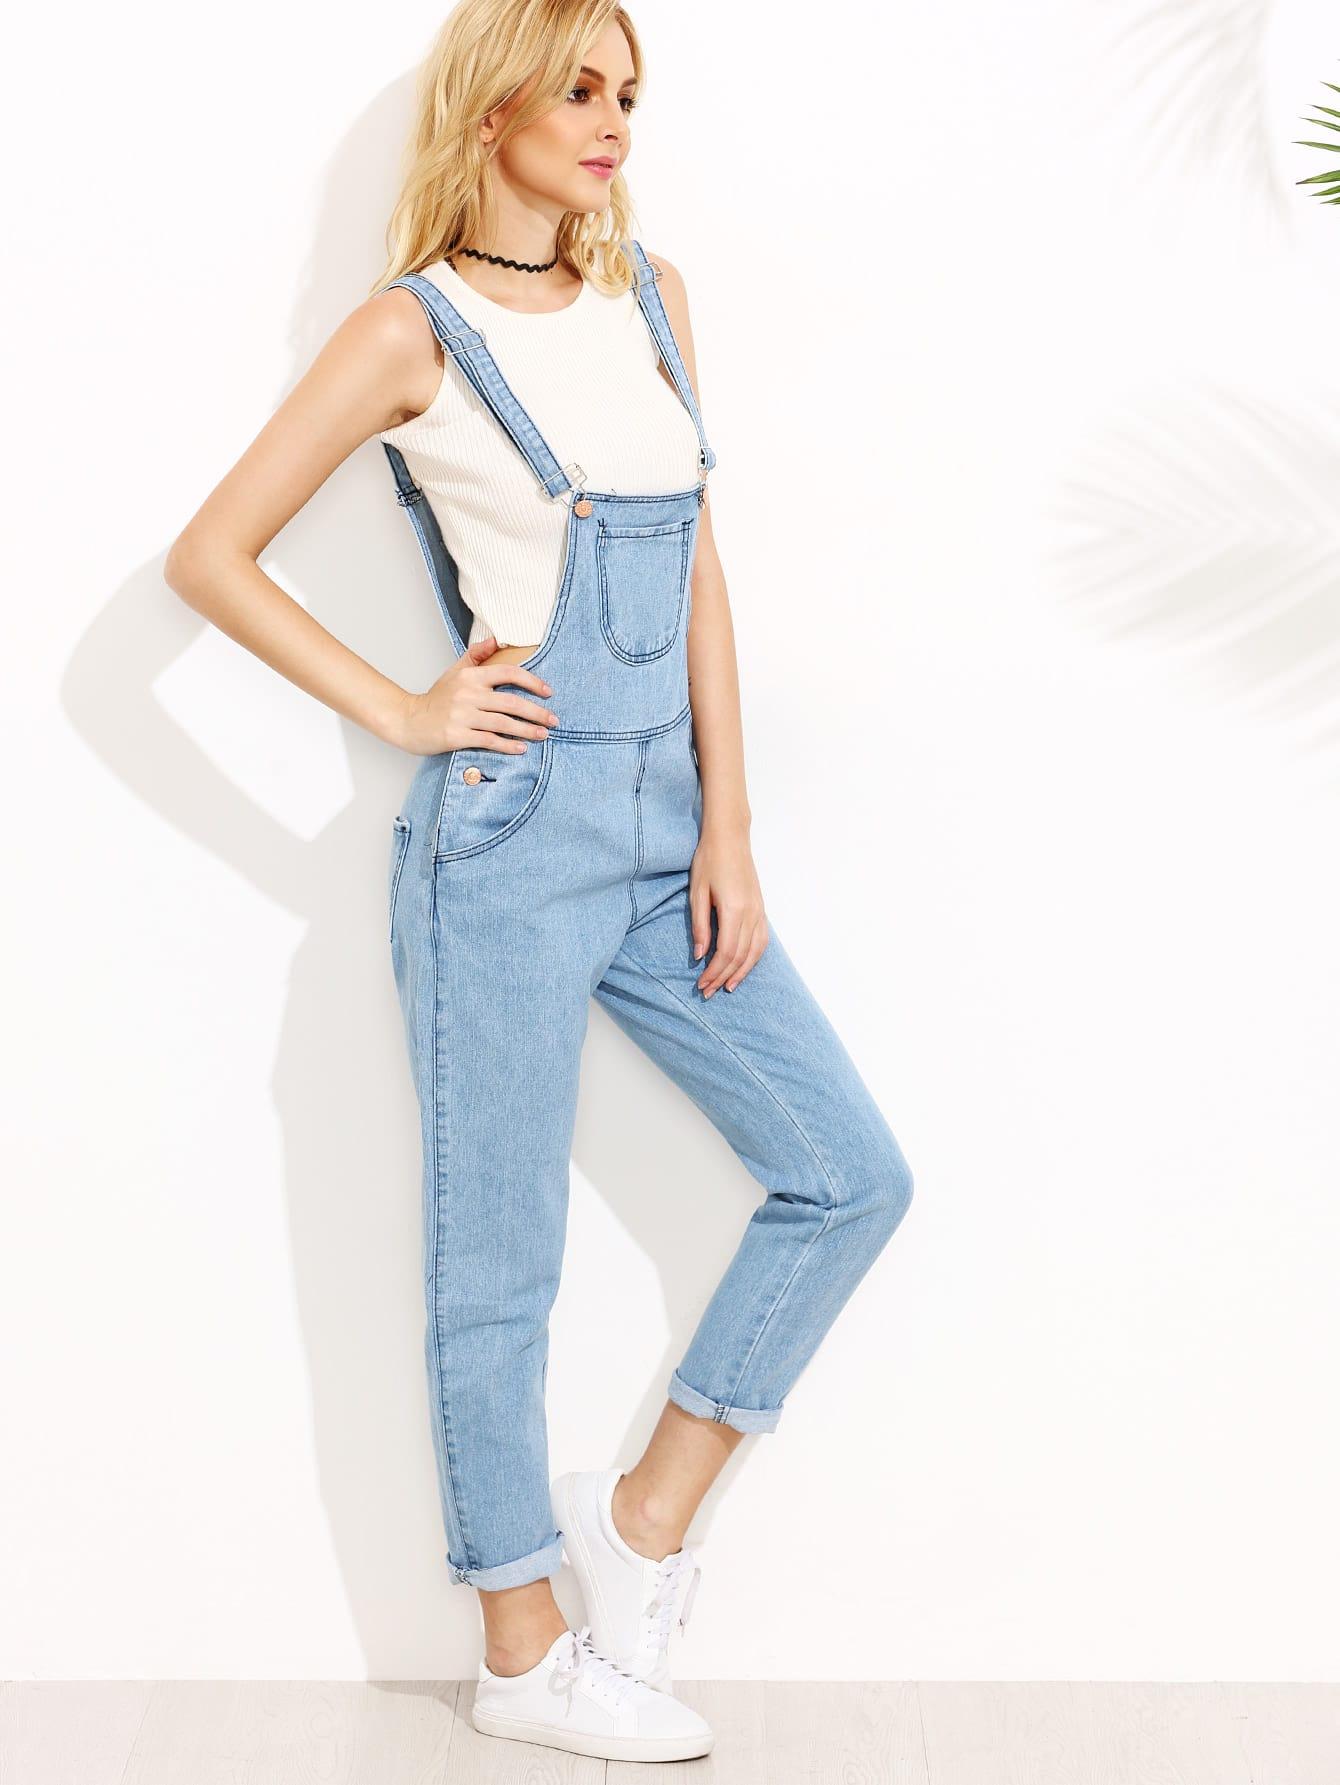 535a9955d جمبسوت جينز أزرق   شي إن